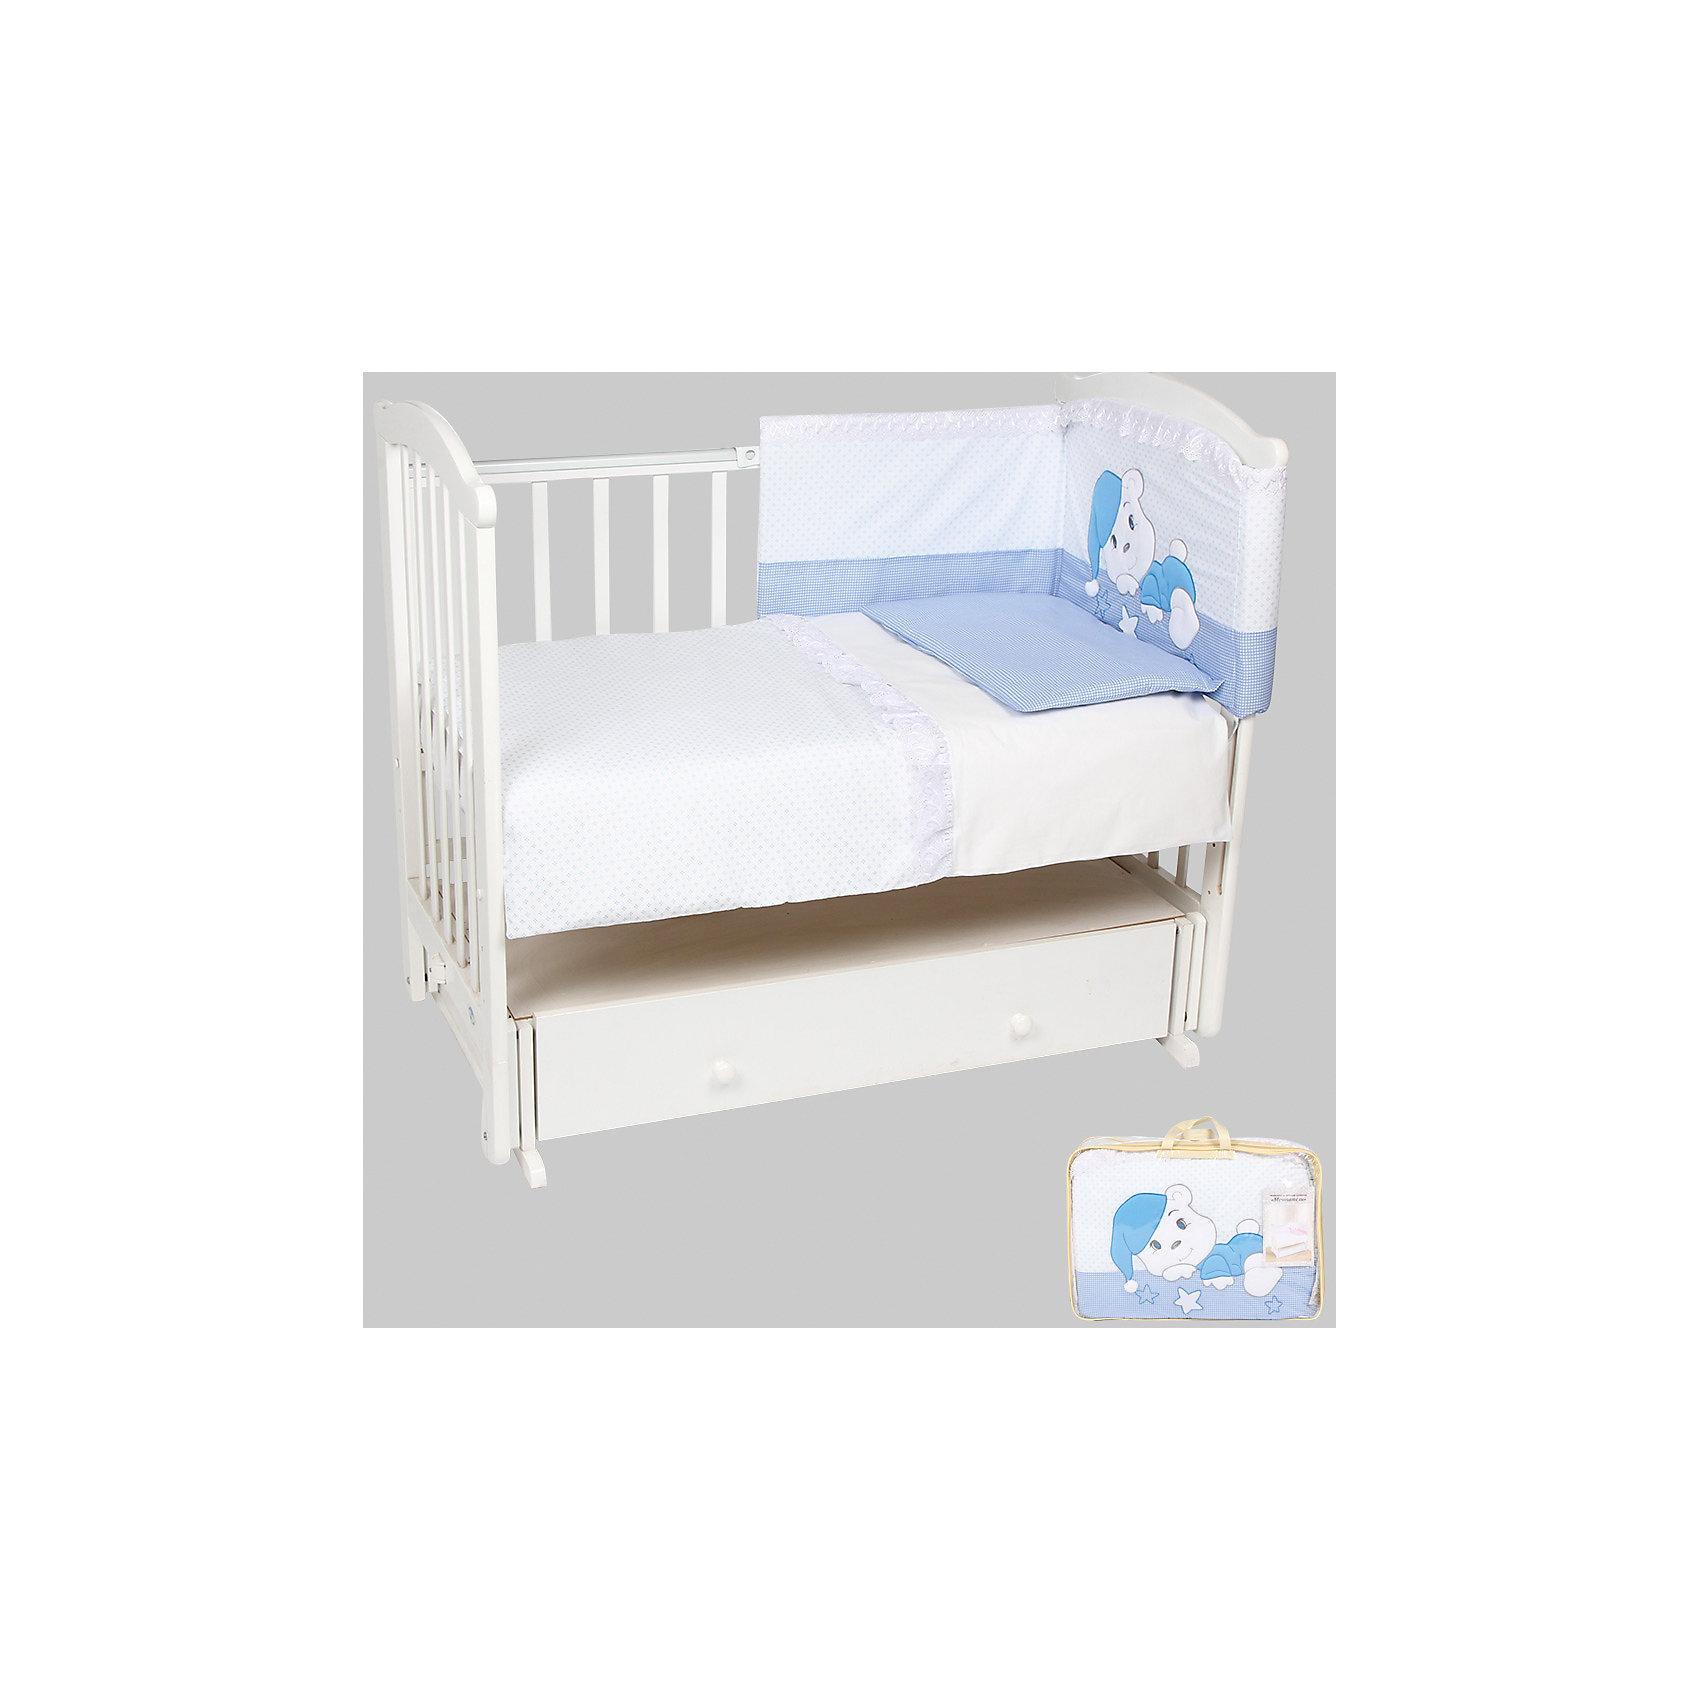 Постельное белье Мечтатели 7 пред., Leader kids, бязь, голубойПостельное бельё<br>Правильно подобранное постельное белье - это залог крепкого сна ребенка и его хорошего самочувствия. Но постельное белье может при этом быть еще и красивым!<br>Этот набор выполнен из высококачественного гипоаллергенного материала - хлопка. Он приятен на ощупь, позволяет коже дышать, безопасен для детей. В этот комплект входят семь предметов для удобного сна и декорирования кроватки (бампер, одеяло, подушка, балдахин, наволочка, пододеяльник, простыня на резинке). Размер их - стандартный, всё удобно заправляется. Изделие имеет приятную расцветку, декорировано симпатичным принтом. Подойдет к интерьеру различной расцветки.<br><br>Дополнительная информация:<br><br>материал: бязь (хлопок 100%);<br>комплектация: 7 предметов;<br>бампер: 360x40 см;<br>одеяло: 90х120 см;<br>подушка: 40х60 см;<br>балдахин: 420х165 см - вуаль;<br>наволочка: 40x60 см;<br>пододеяльник: 90x120 см;<br>простыня на резинке: 90x150 см;<br>цвет: голубой.<br><br>Постельное белье Мечтатели 7 пред. от компании Leader kids можно купить в нашем магазине.<br><br>Ширина мм: 650<br>Глубина мм: 200<br>Высота мм: 500<br>Вес г: 3700<br>Возраст от месяцев: 0<br>Возраст до месяцев: 36<br>Пол: Мужской<br>Возраст: Детский<br>SKU: 4778559